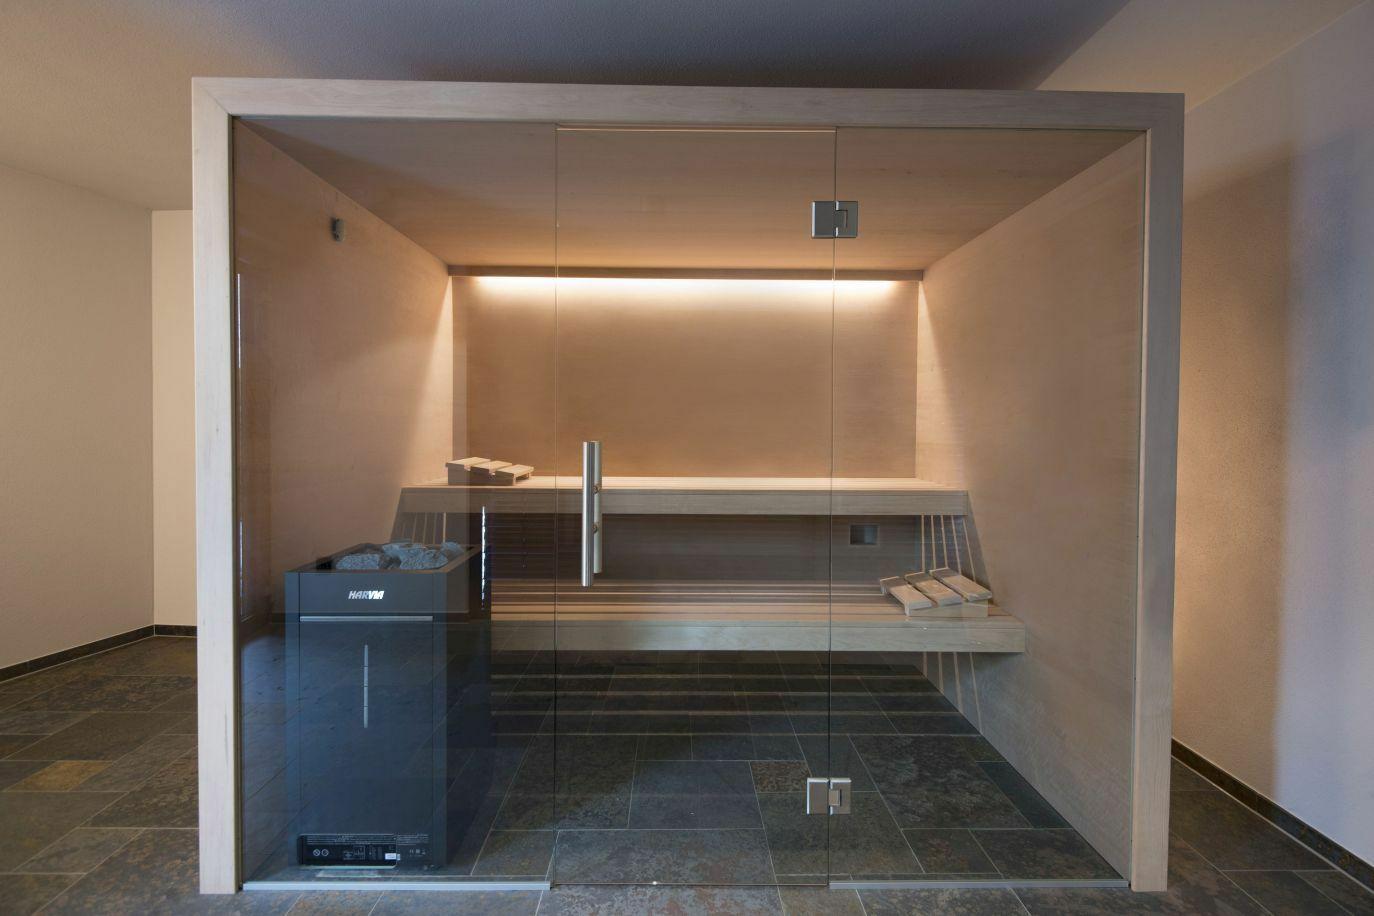 Full Size of Außensauna Wandaufbau Sauna 240 160 205 Cm Paneel Erle Glasfront Montage Harvia Wohnzimmer Außensauna Wandaufbau